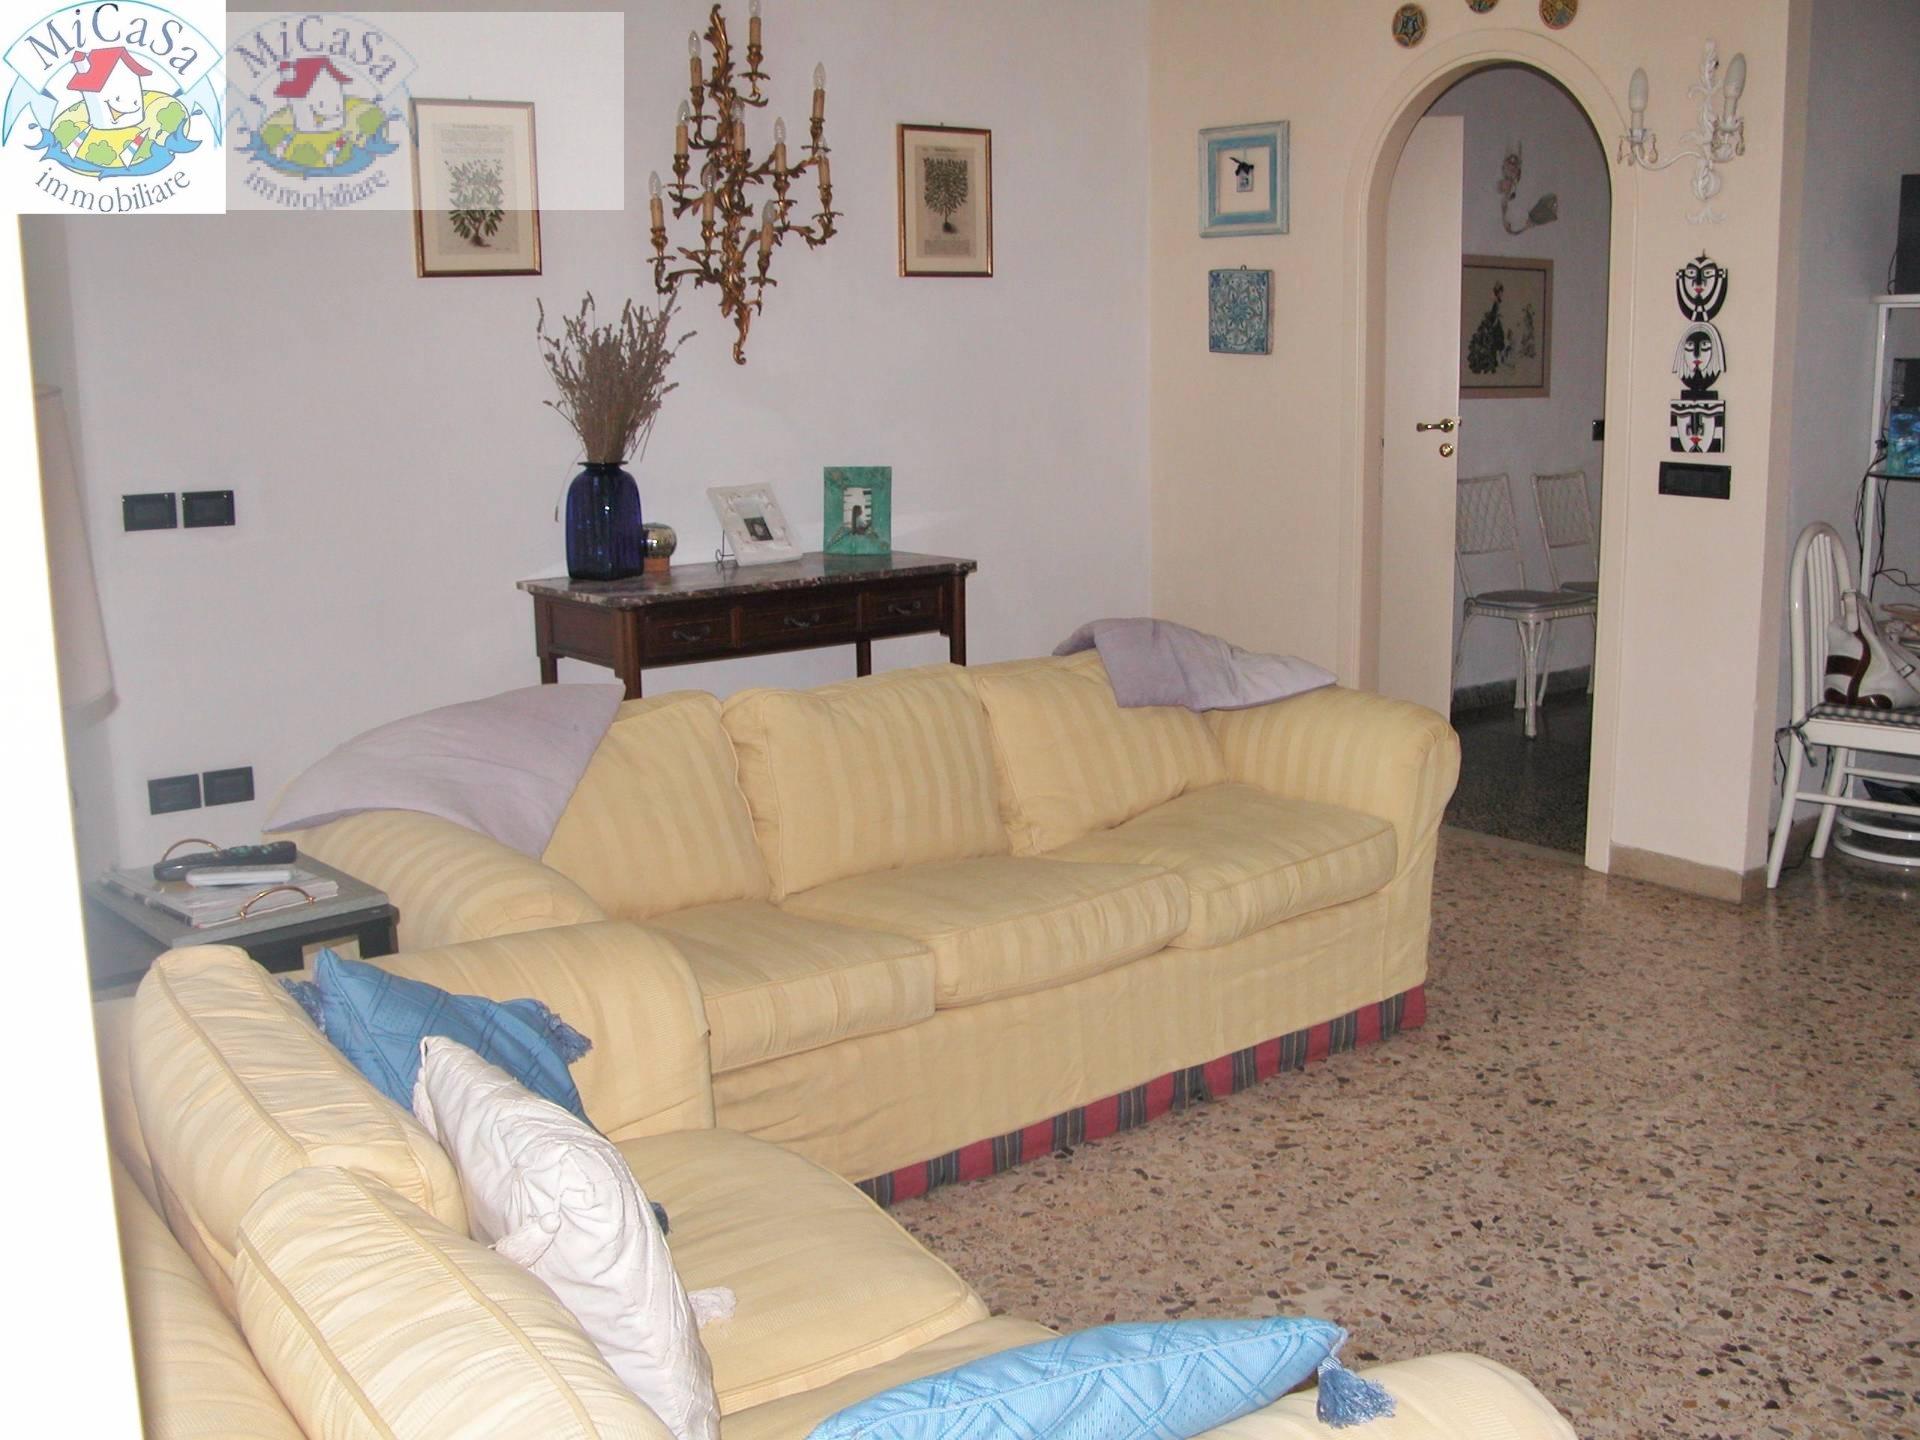 Villa in affitto a Pisa, 7 locali, zona Zona: Tirrenia, prezzo € 1.000 | CambioCasa.it